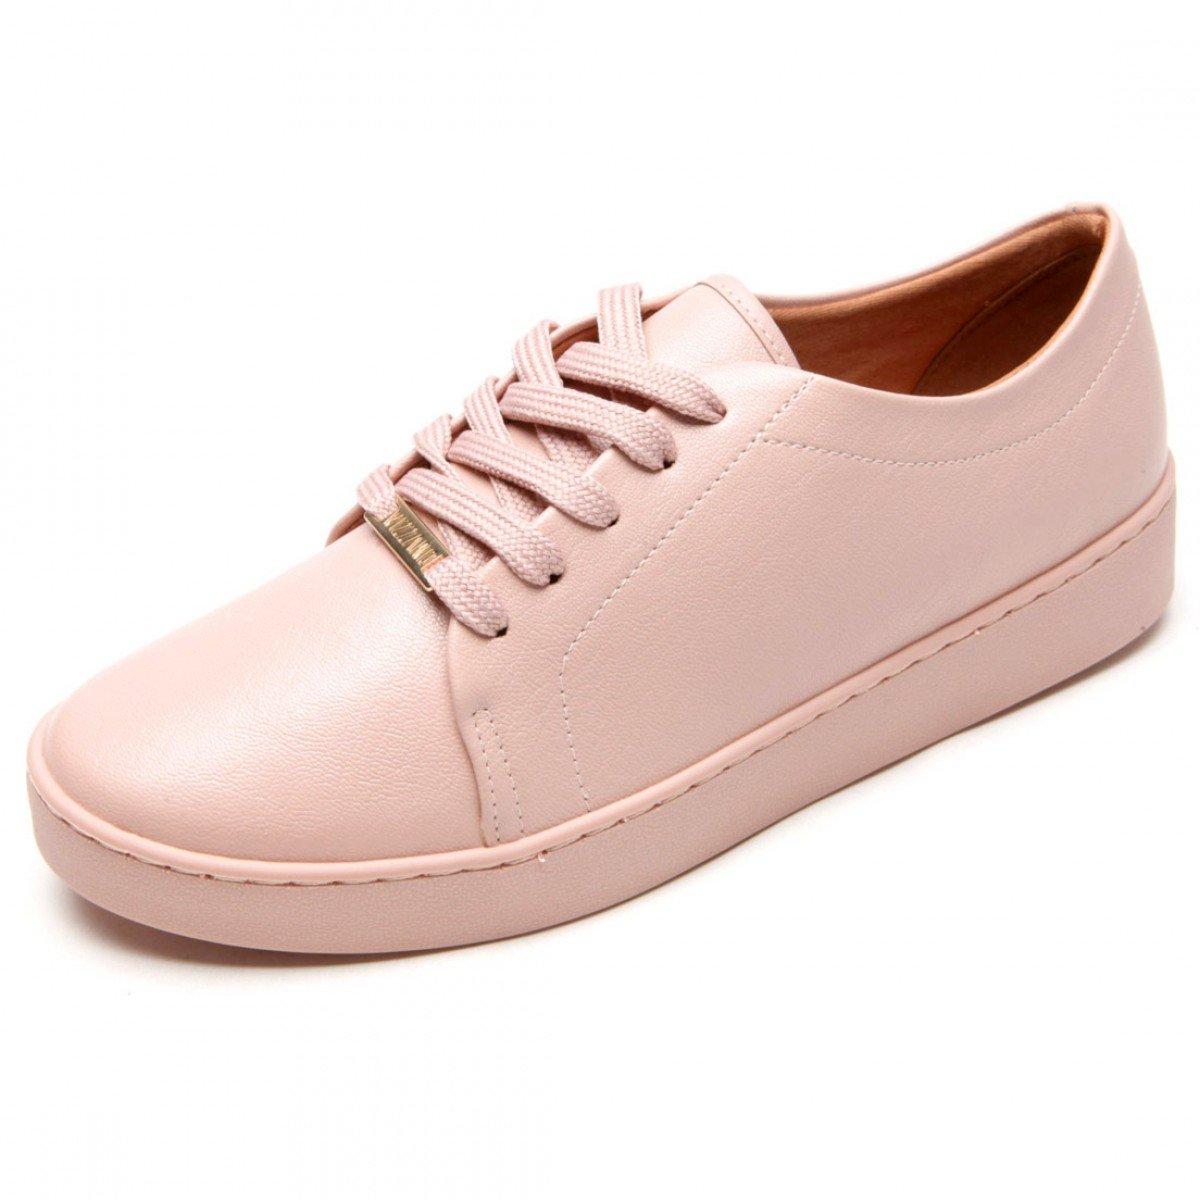 c4da1e6d9 Tênis Vizzano Napa London Color Rosa - Compre Agora